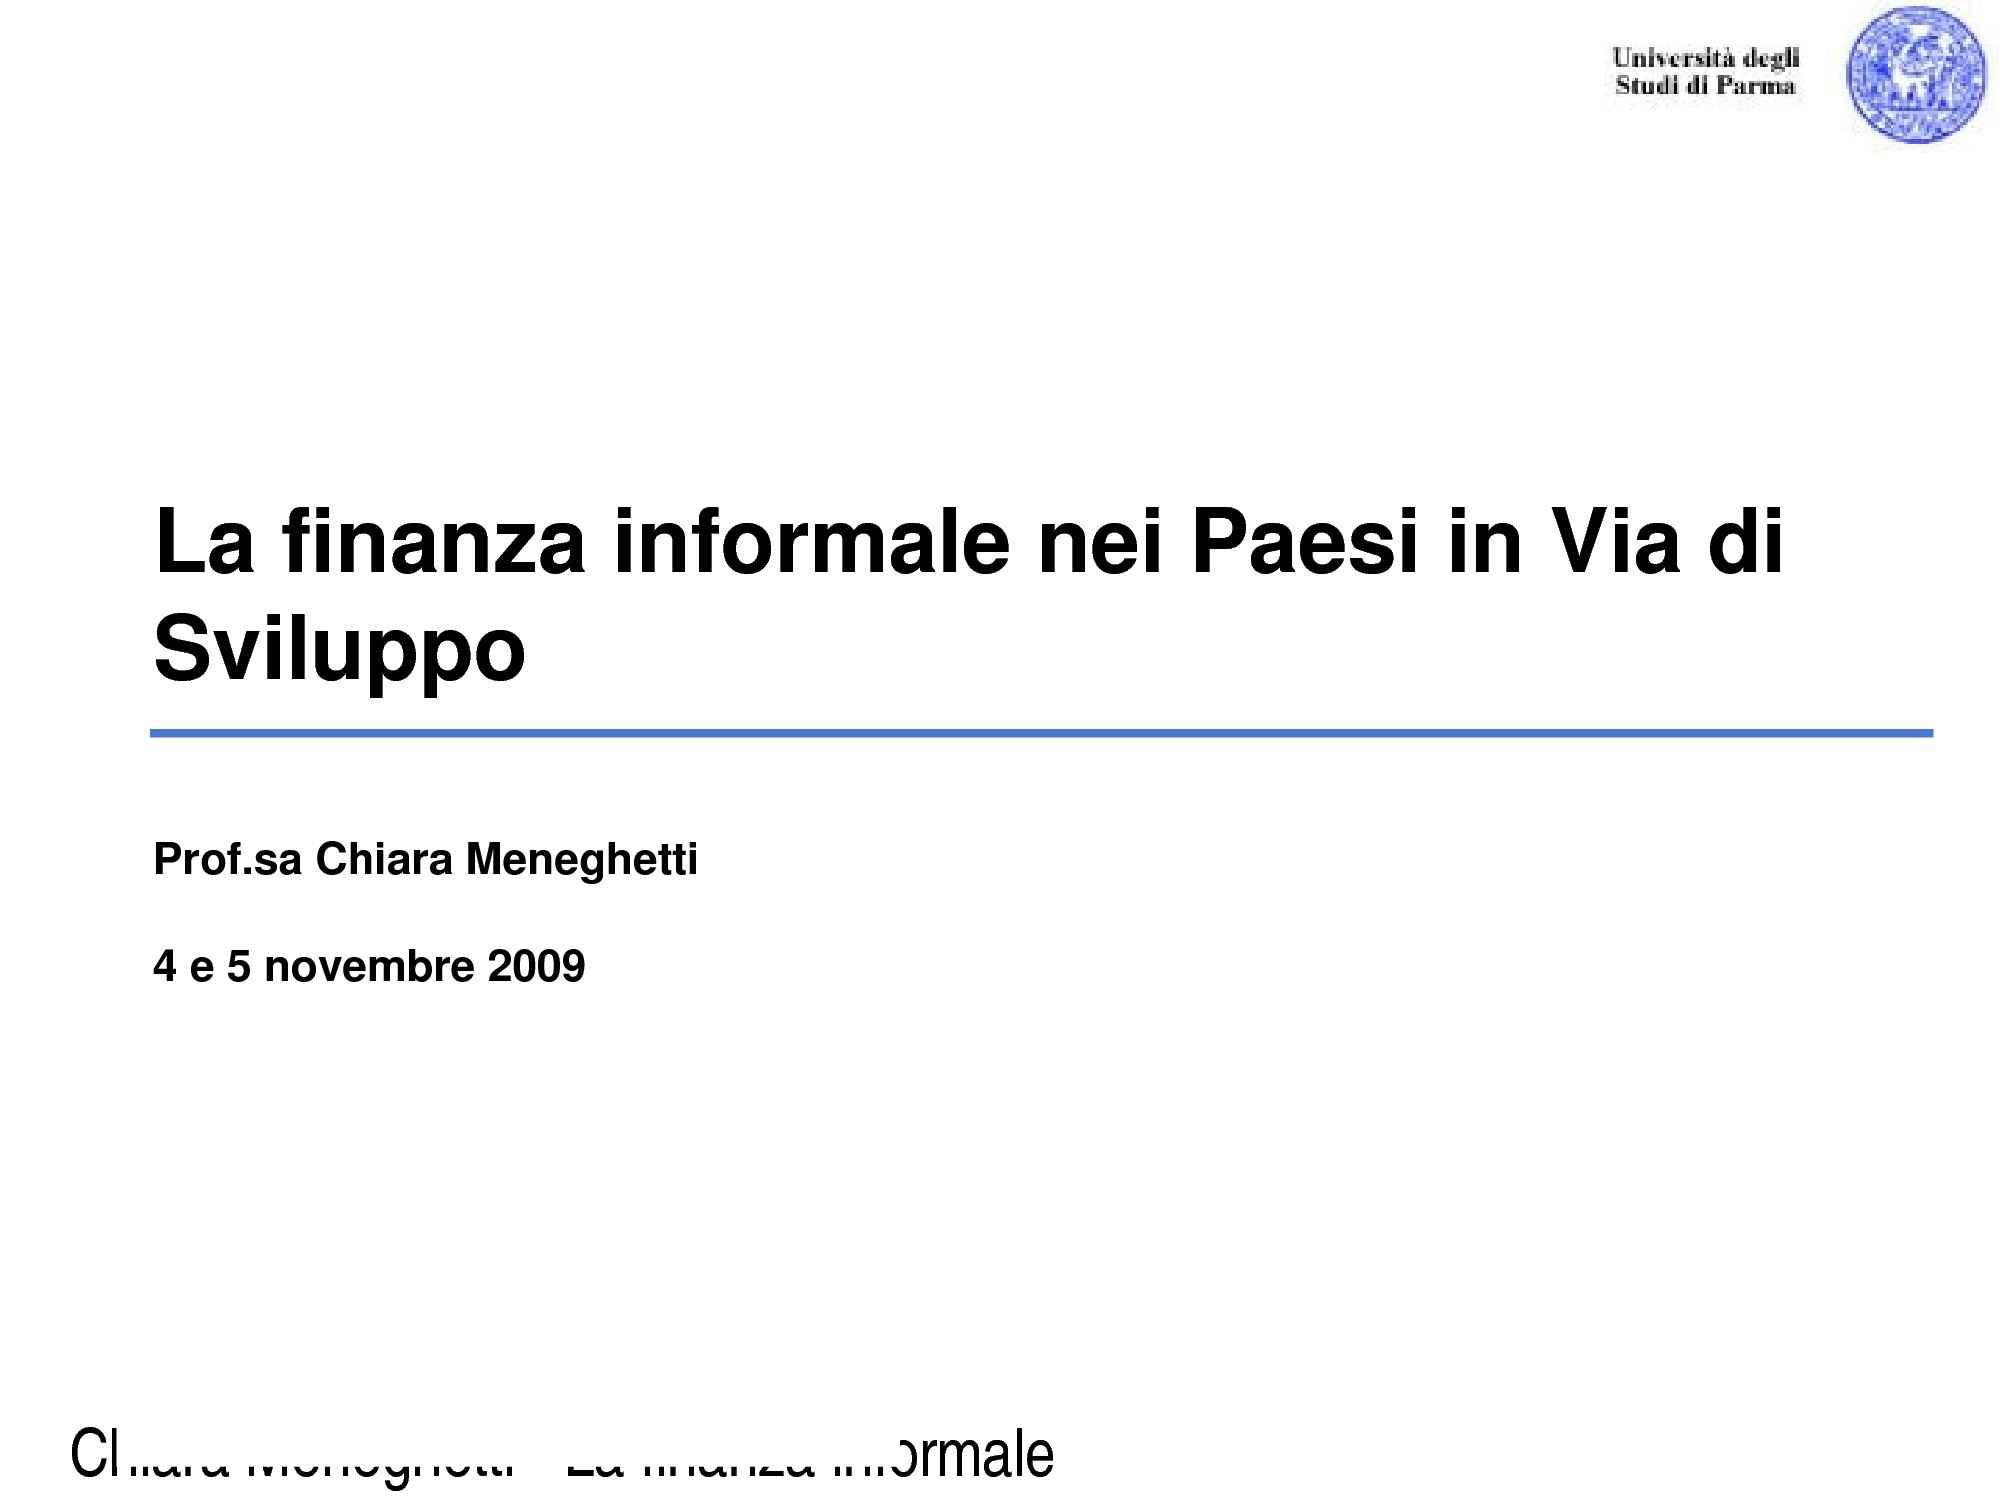 Finanza informale